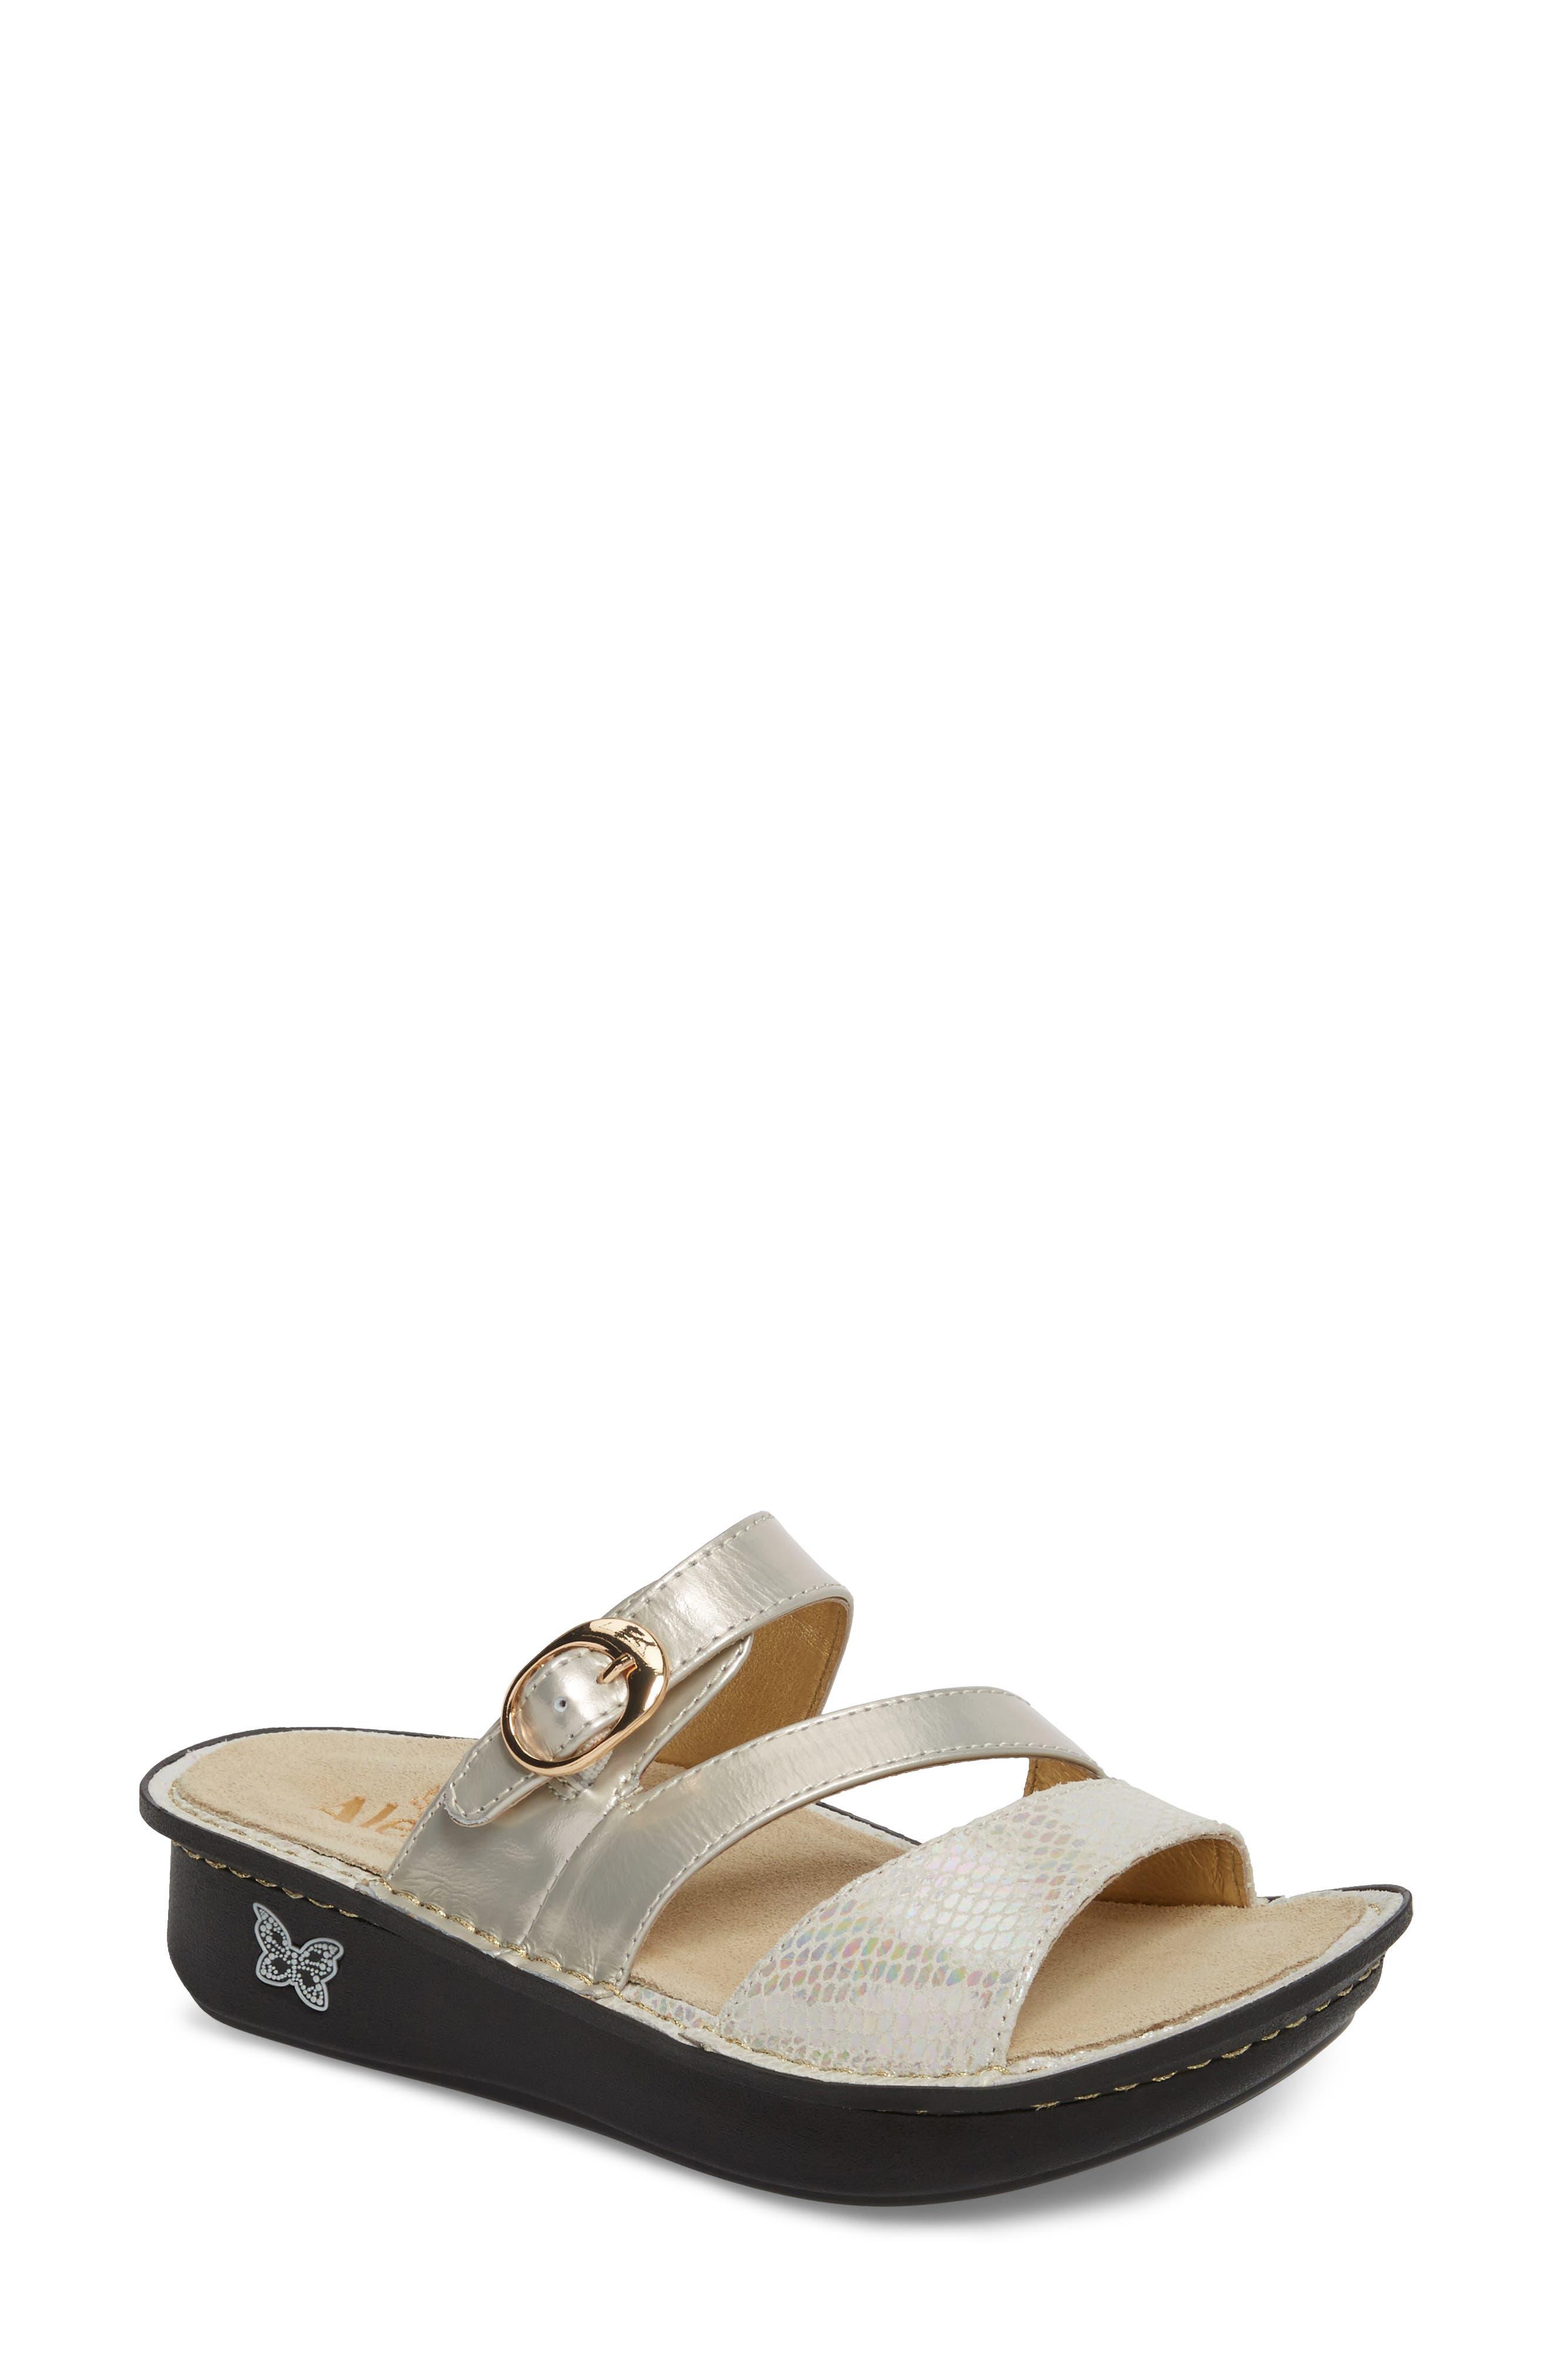 'Colette' Platform Sandal,                         Main,                         color, Opfully Leather